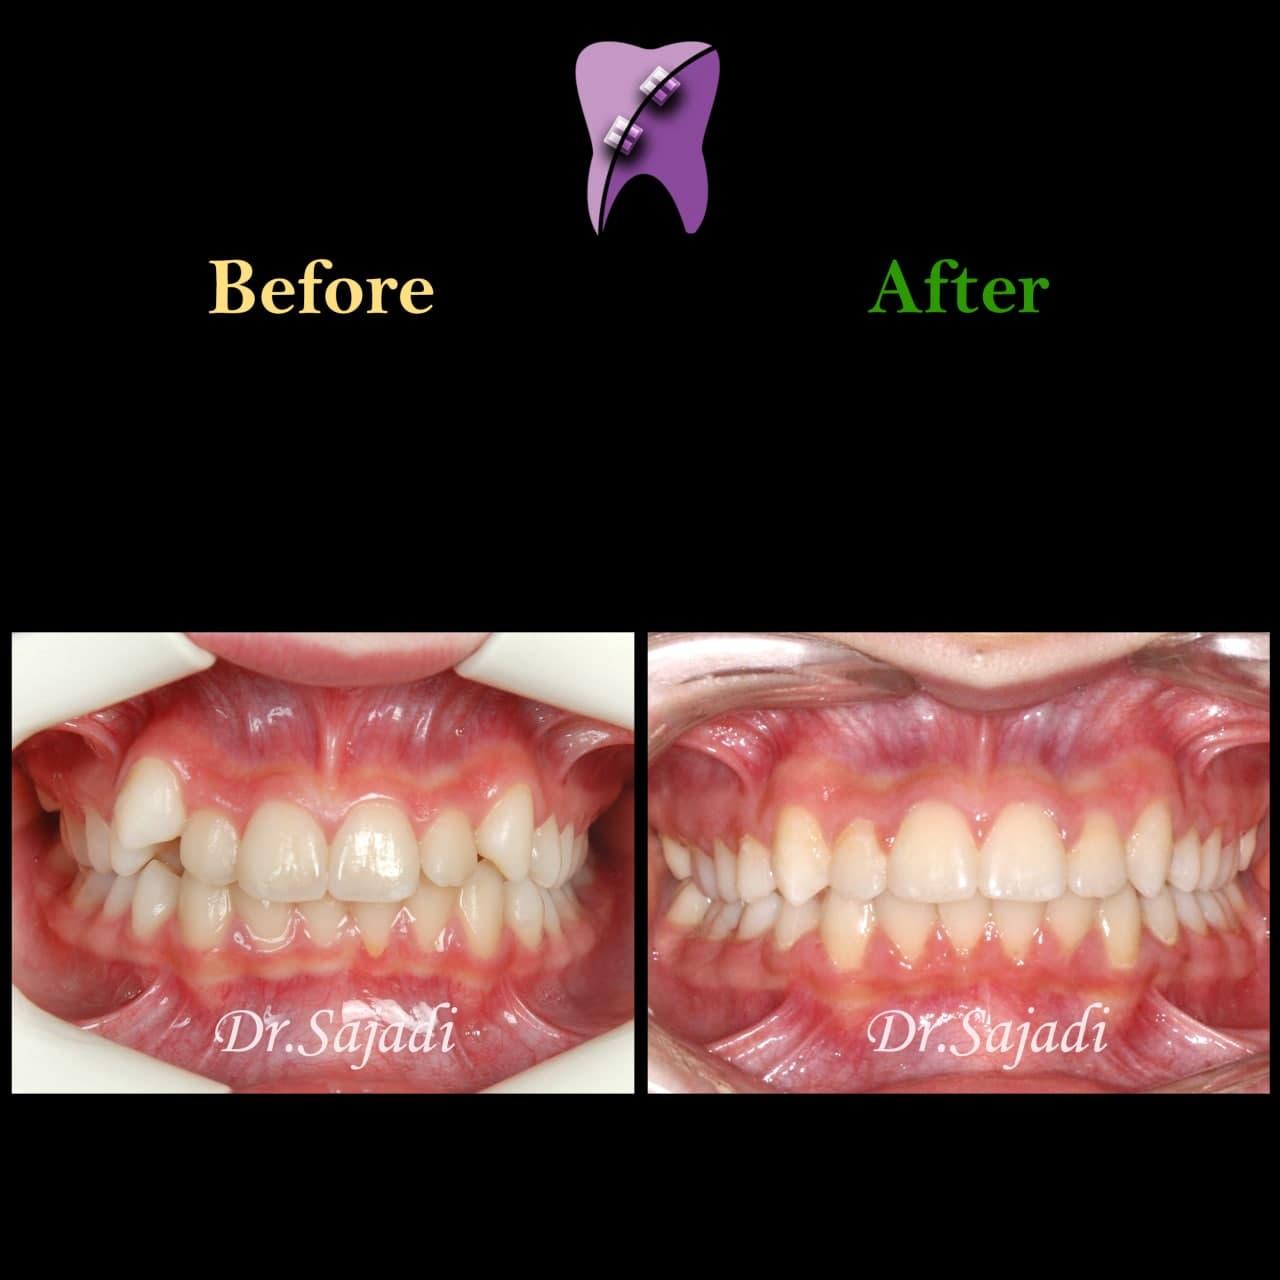 photo 2021 03 15 12 37 20 - ارتودنسی ثابت دو فک بدون کشیدن دندان برای اصلاح لبخند